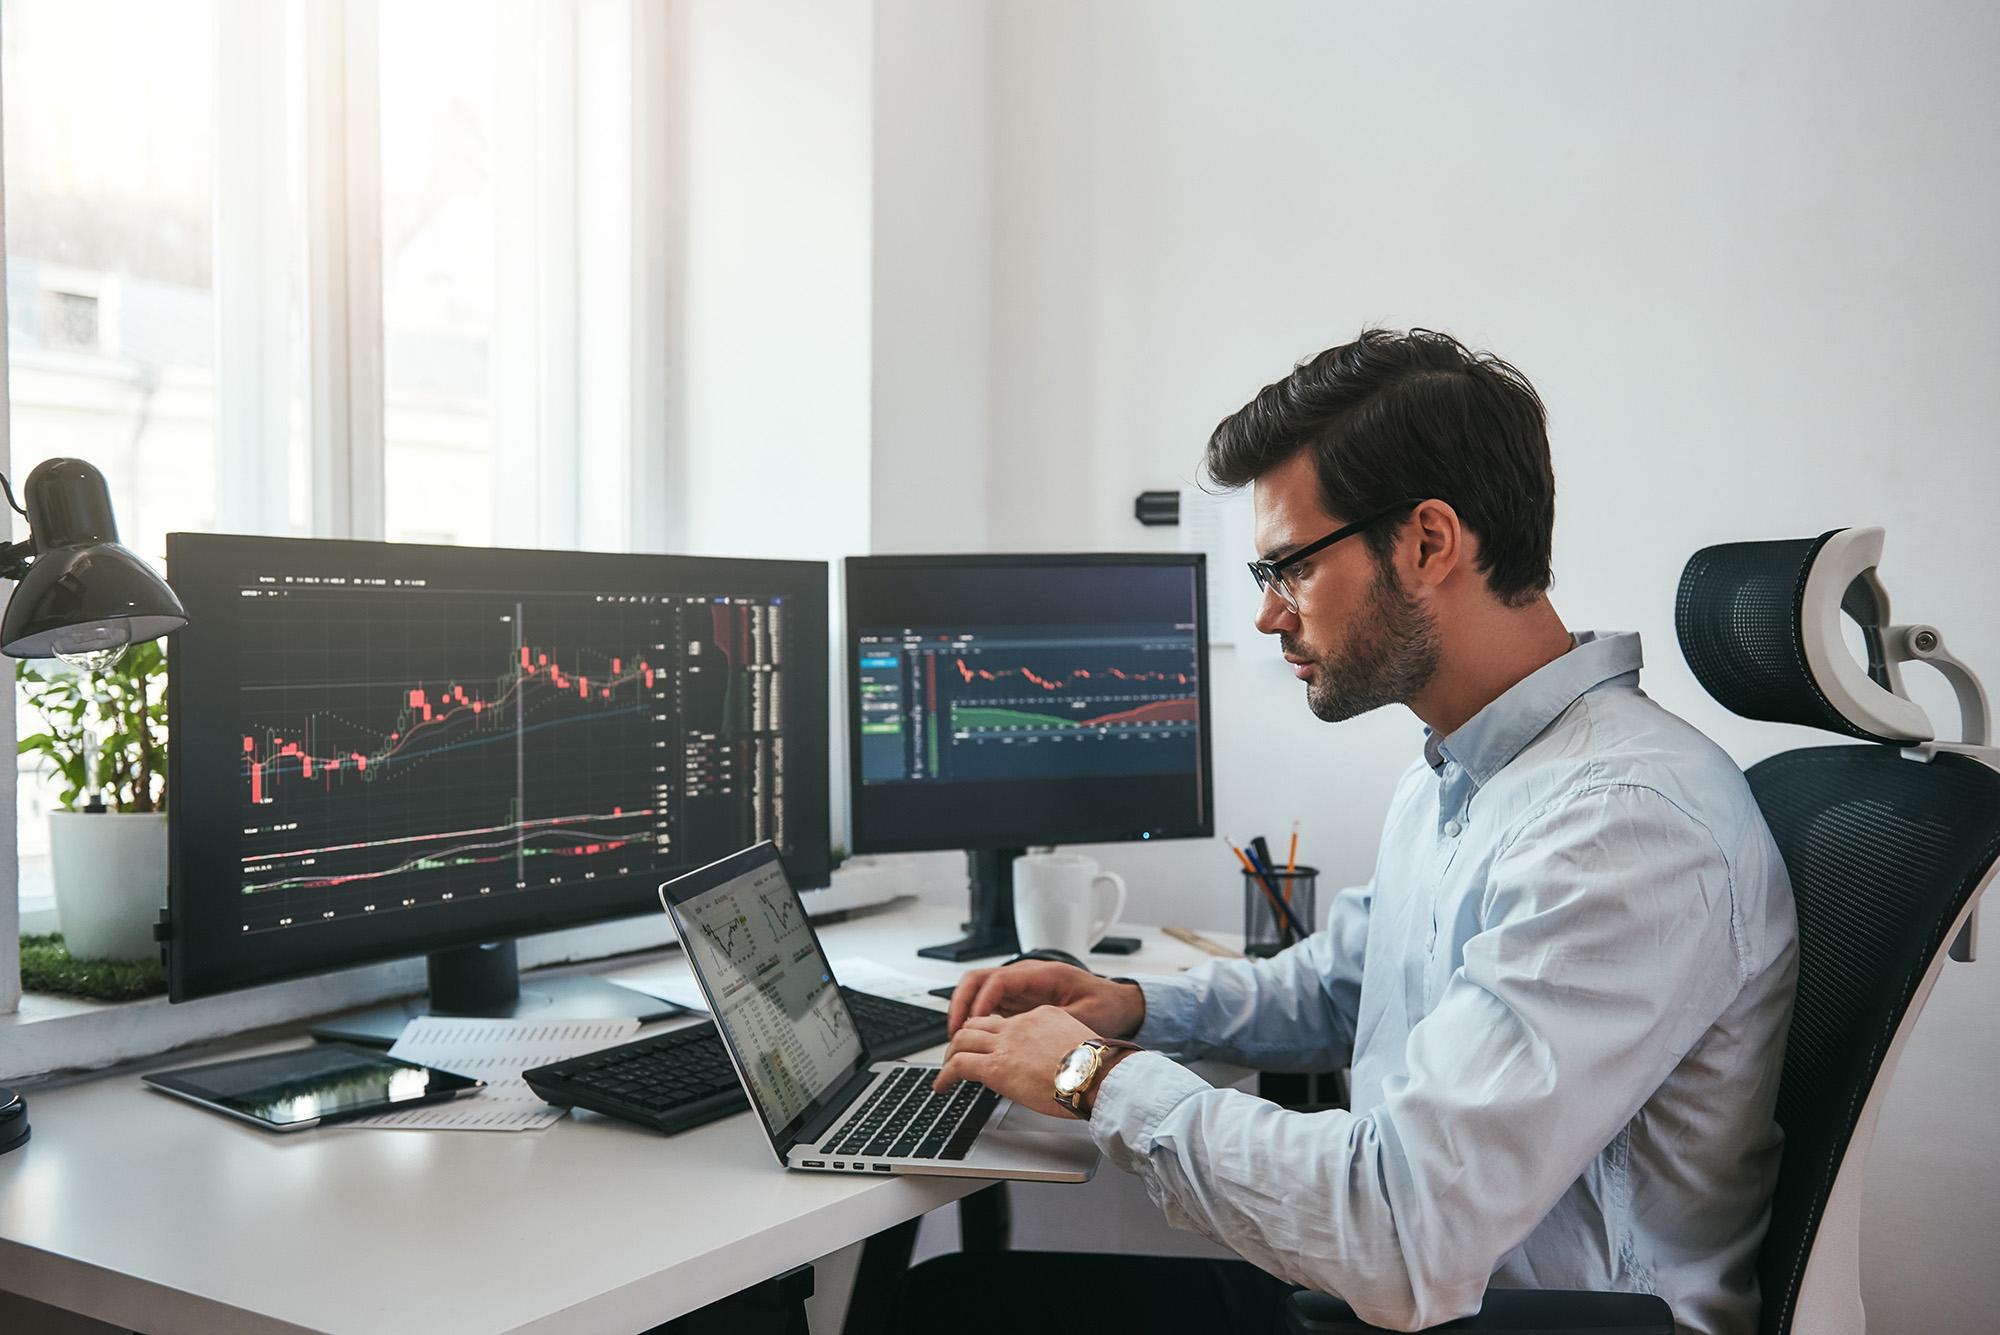 Lời khuyên tốt nhất để đầu tư tiền điện tử sinh lời - Ảnh 1.